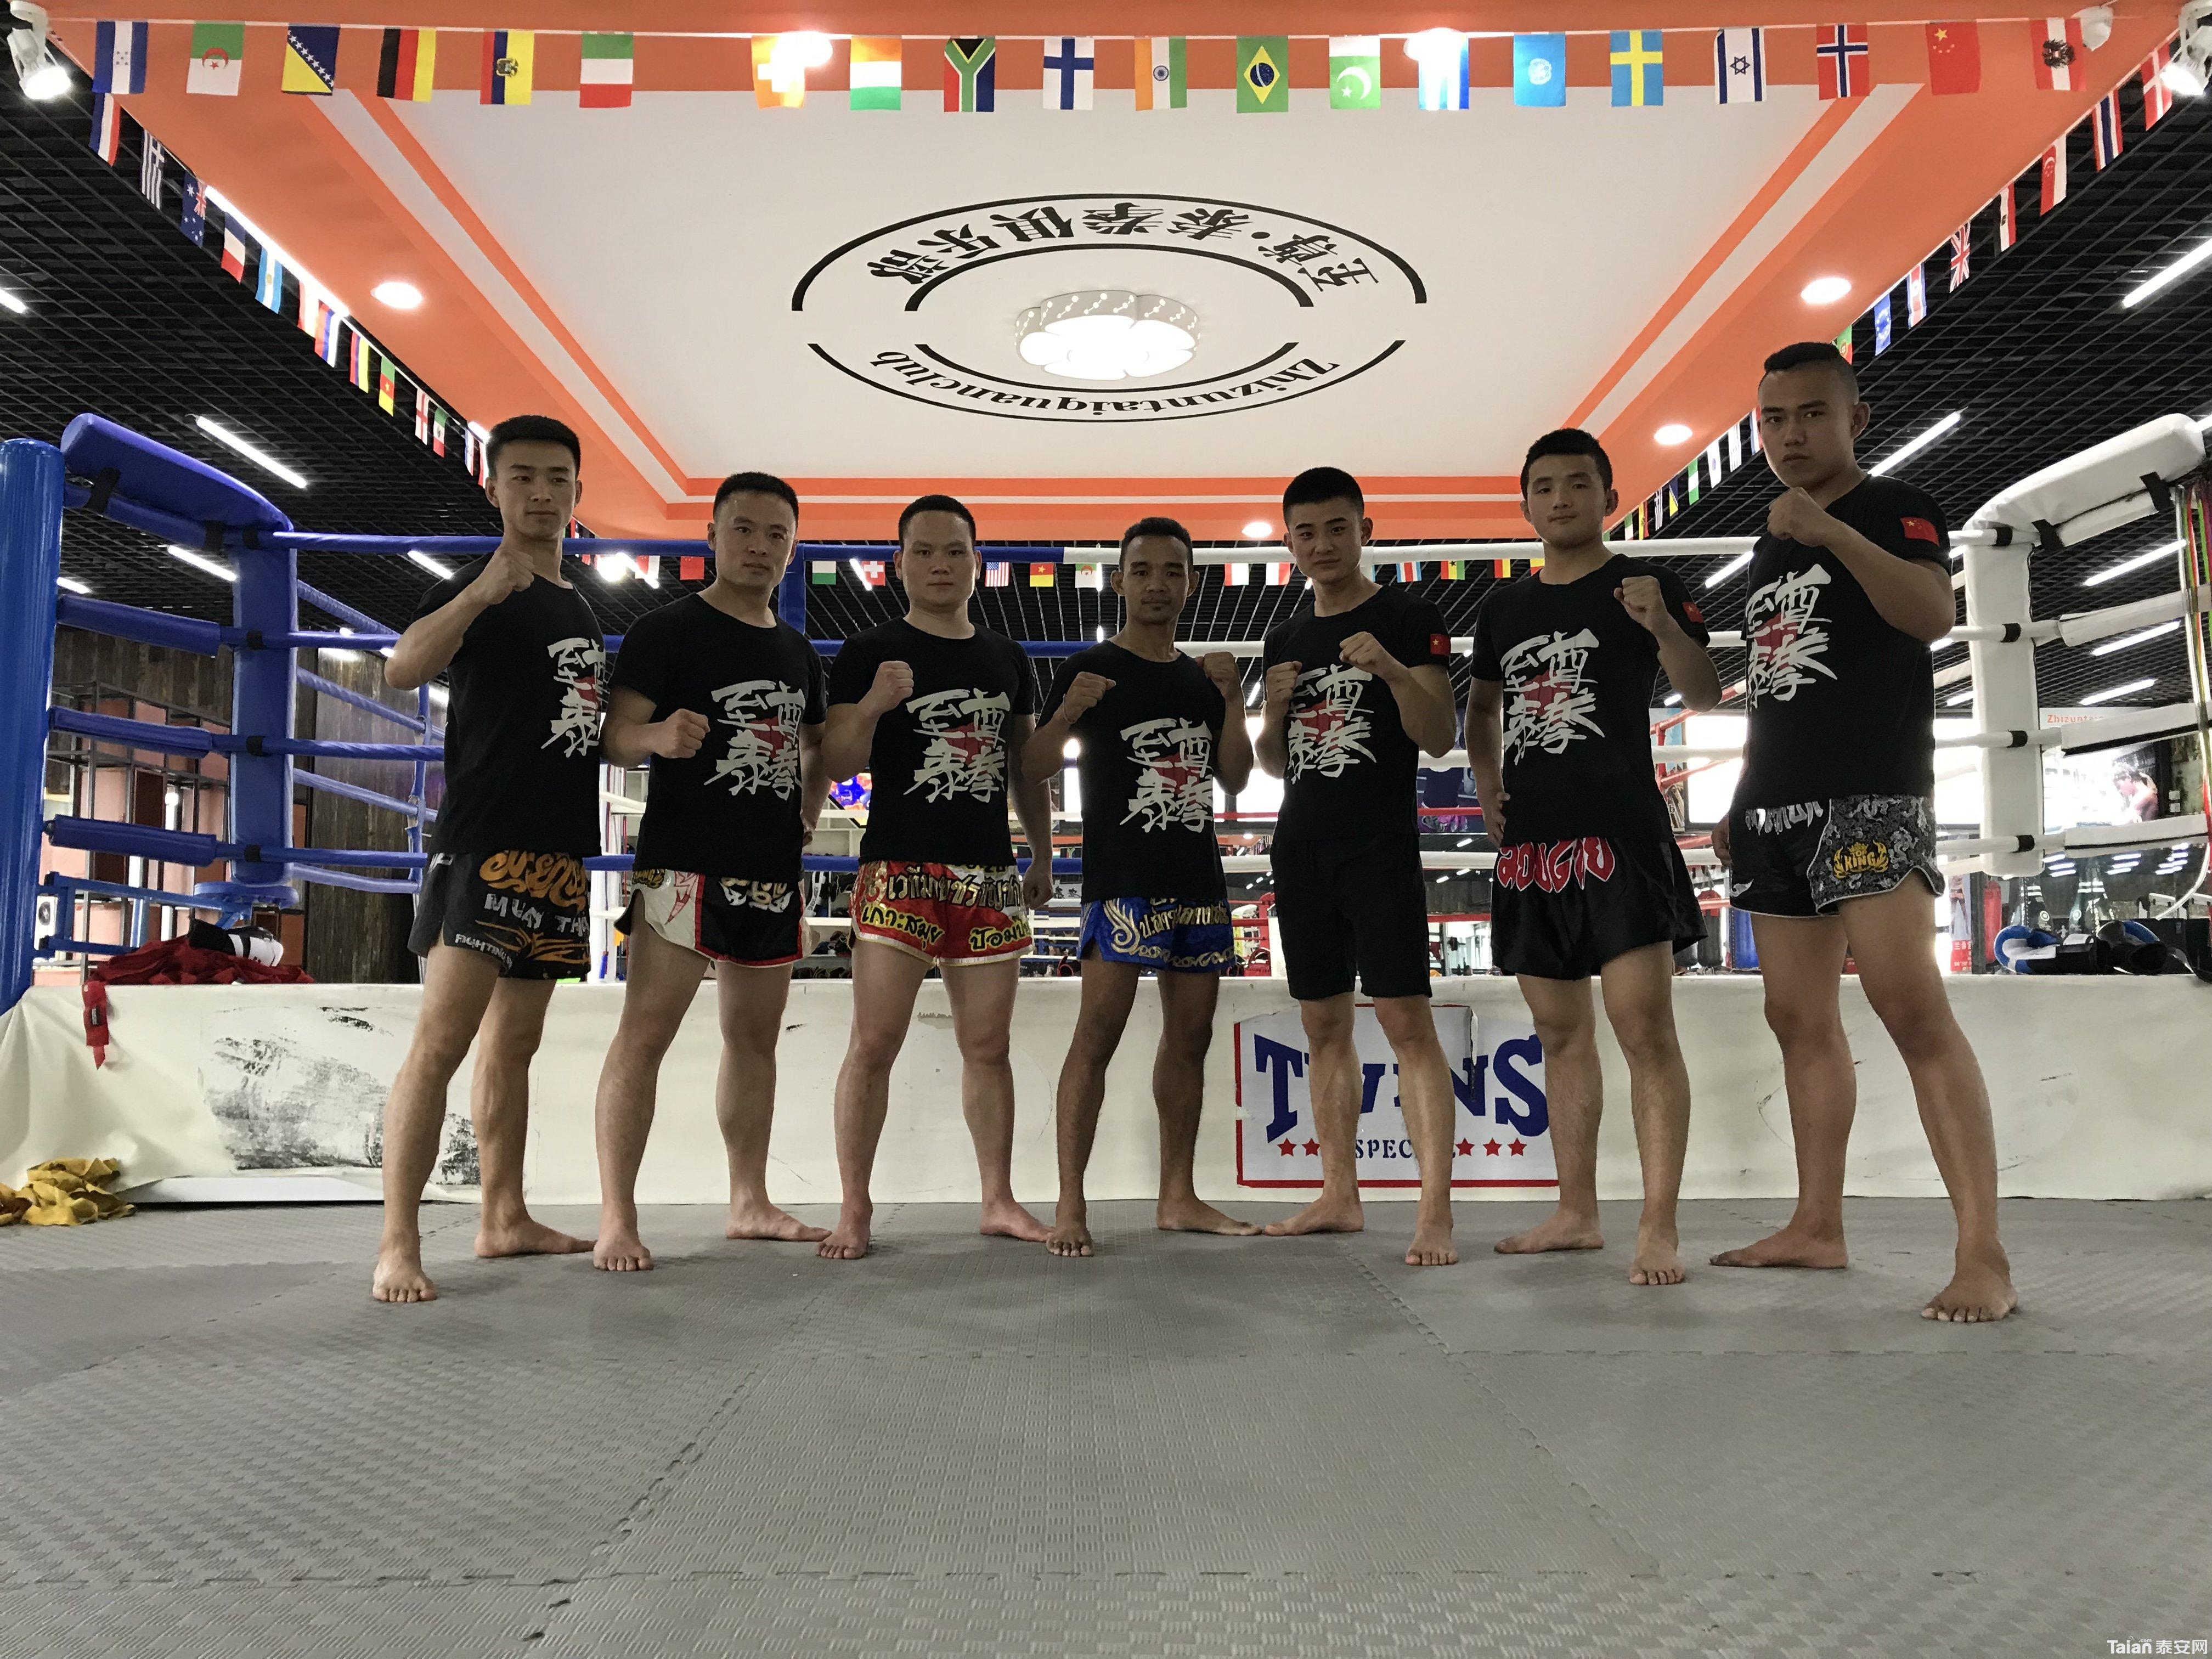 泰安至尊泰拳俱乐部教练团队